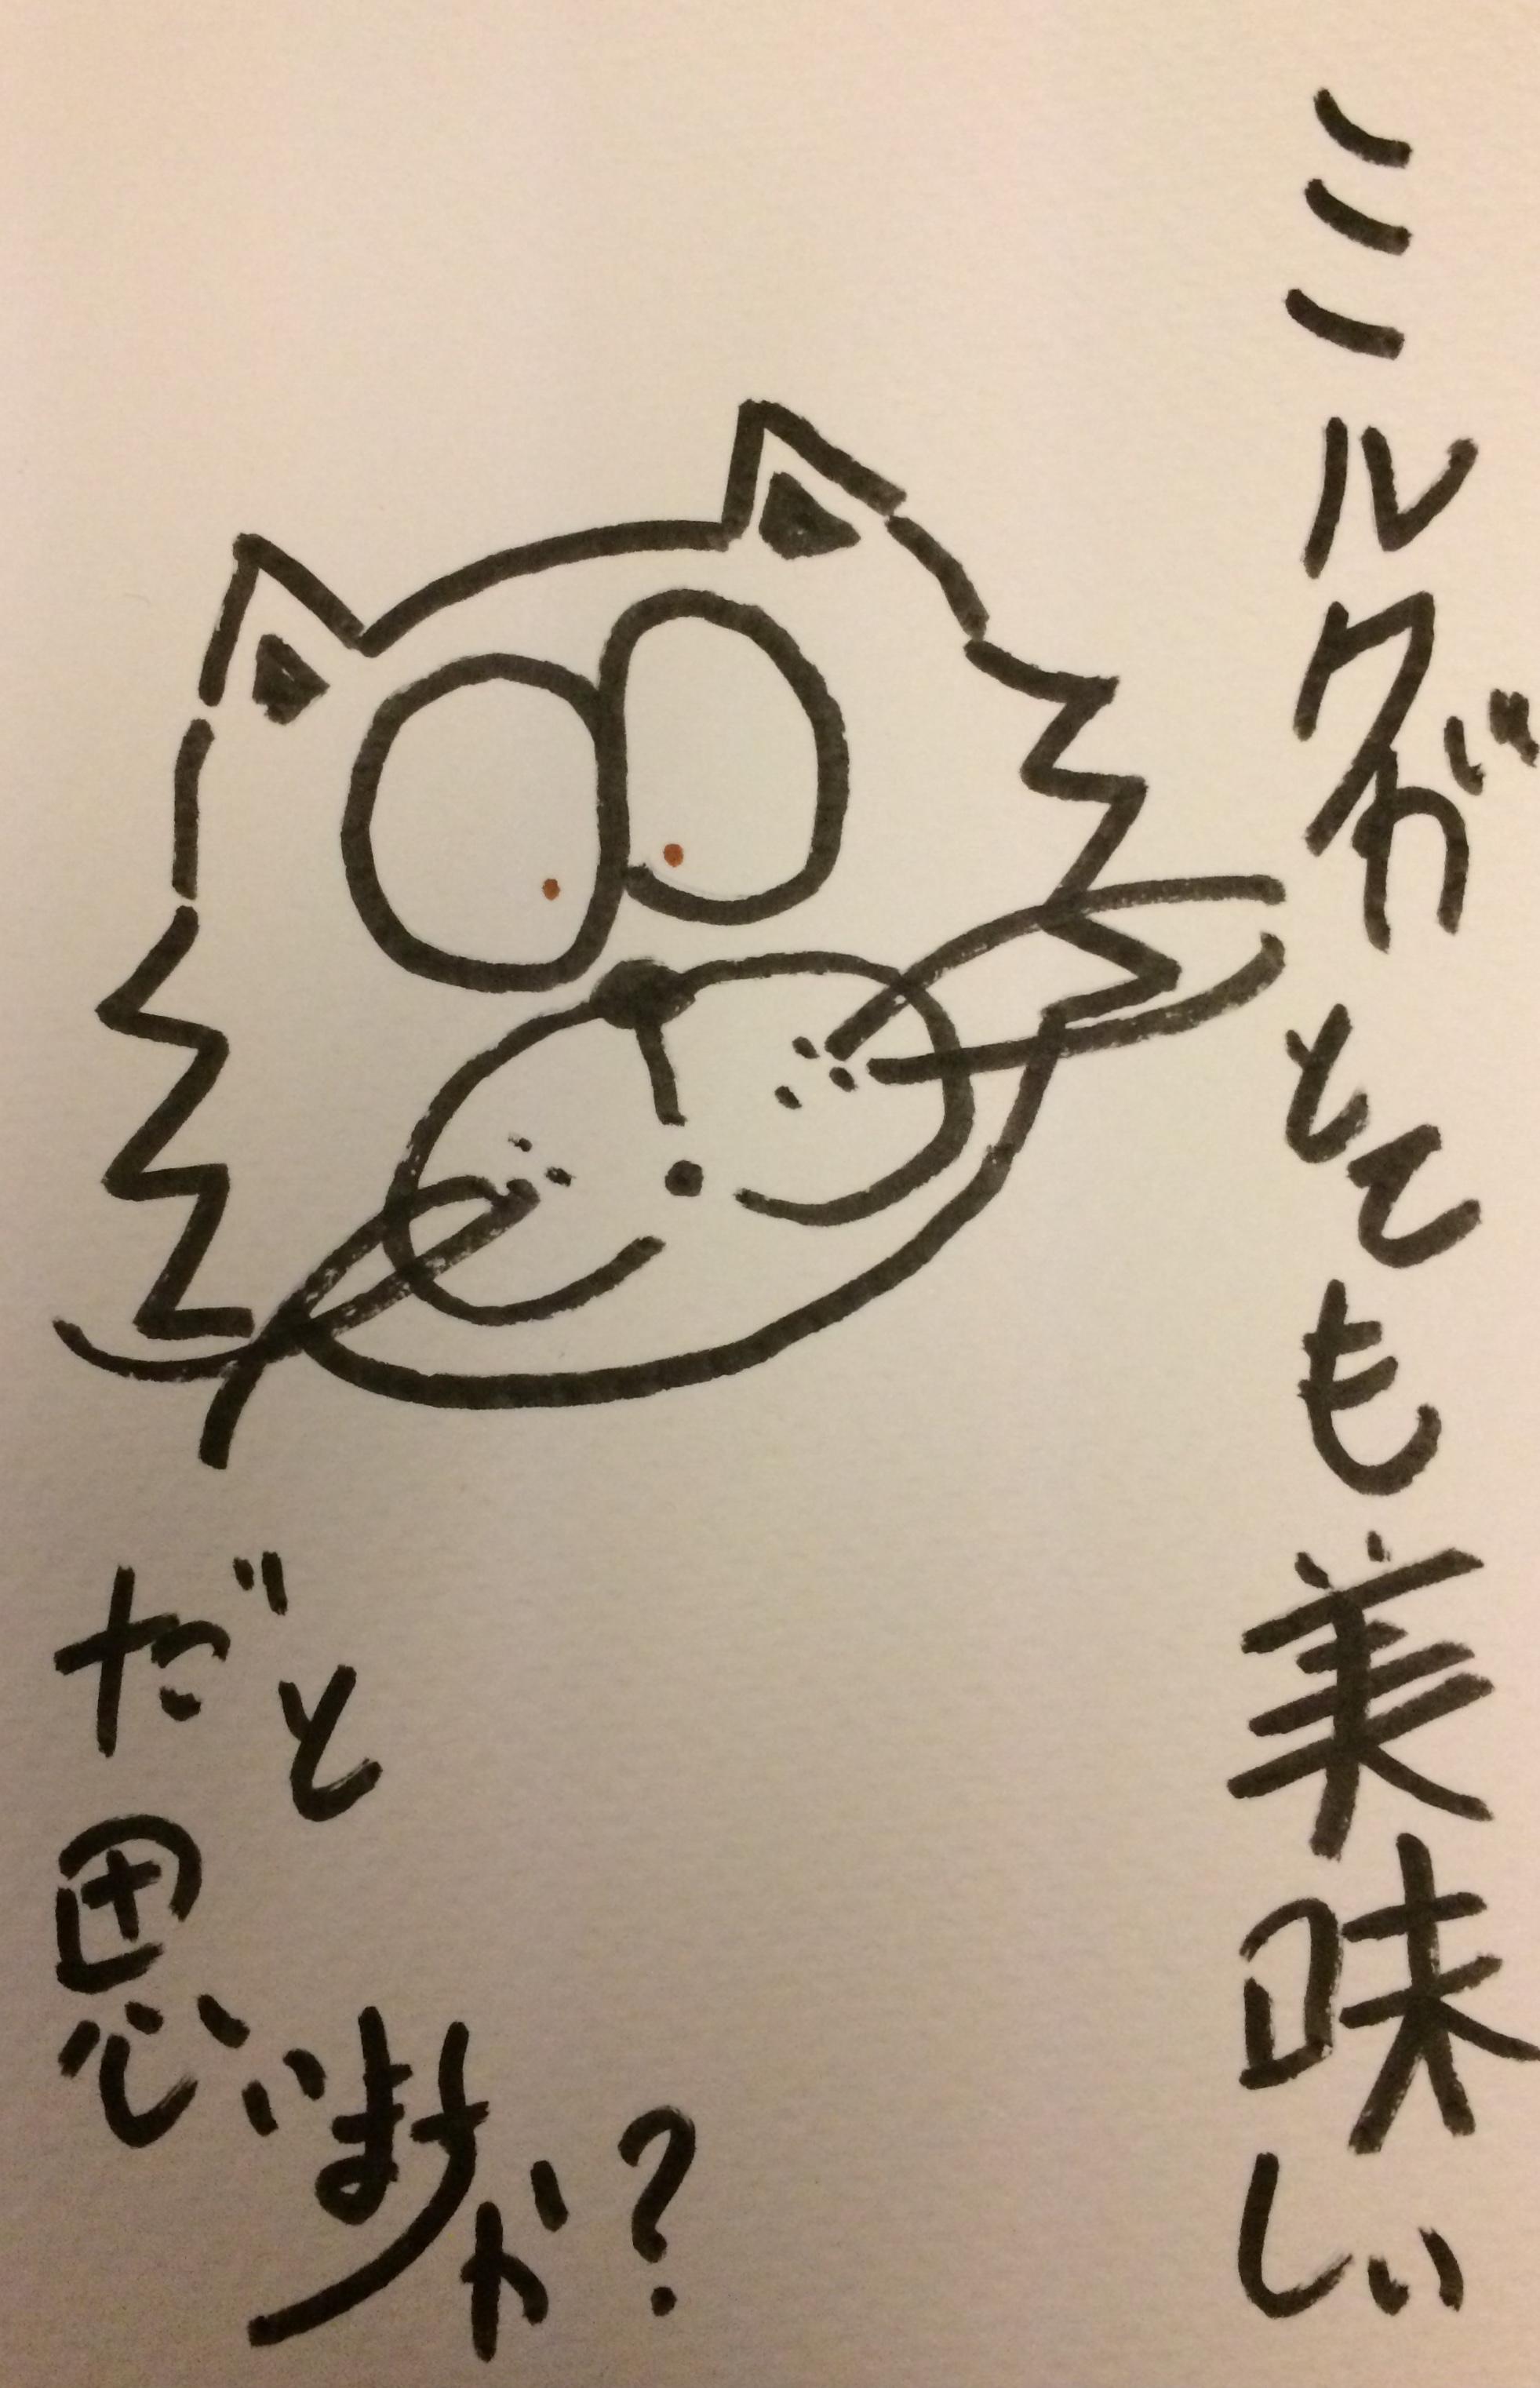 ミルクがとても美味しいだと思いますが かわいい ドイツ語 仔猫 描く コミックス comics kitten kätzchen drawing ink